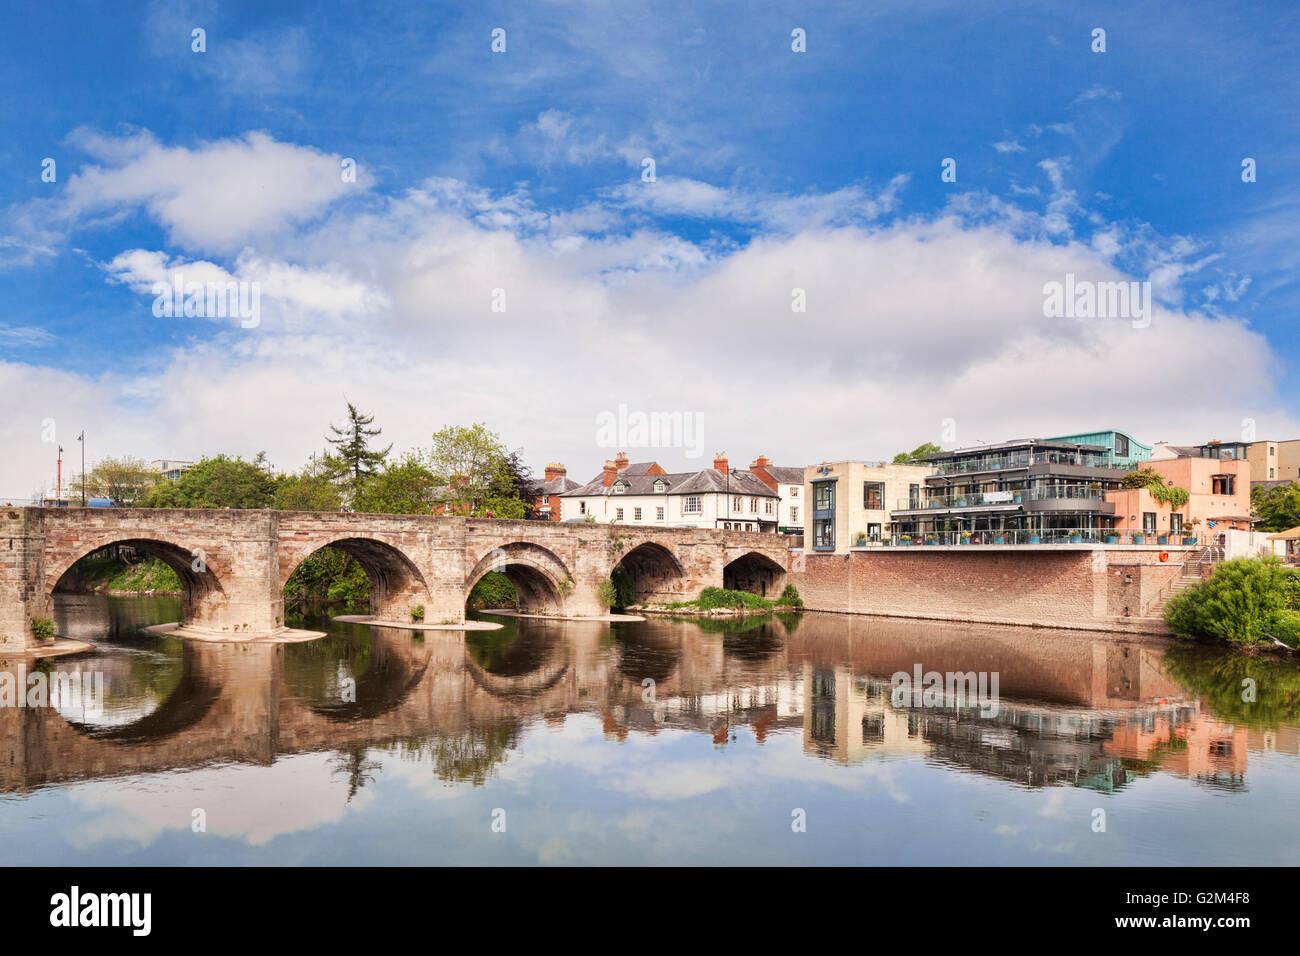 Wye Bridge, Hereford, Herefordshire, England, UK - Stock Image